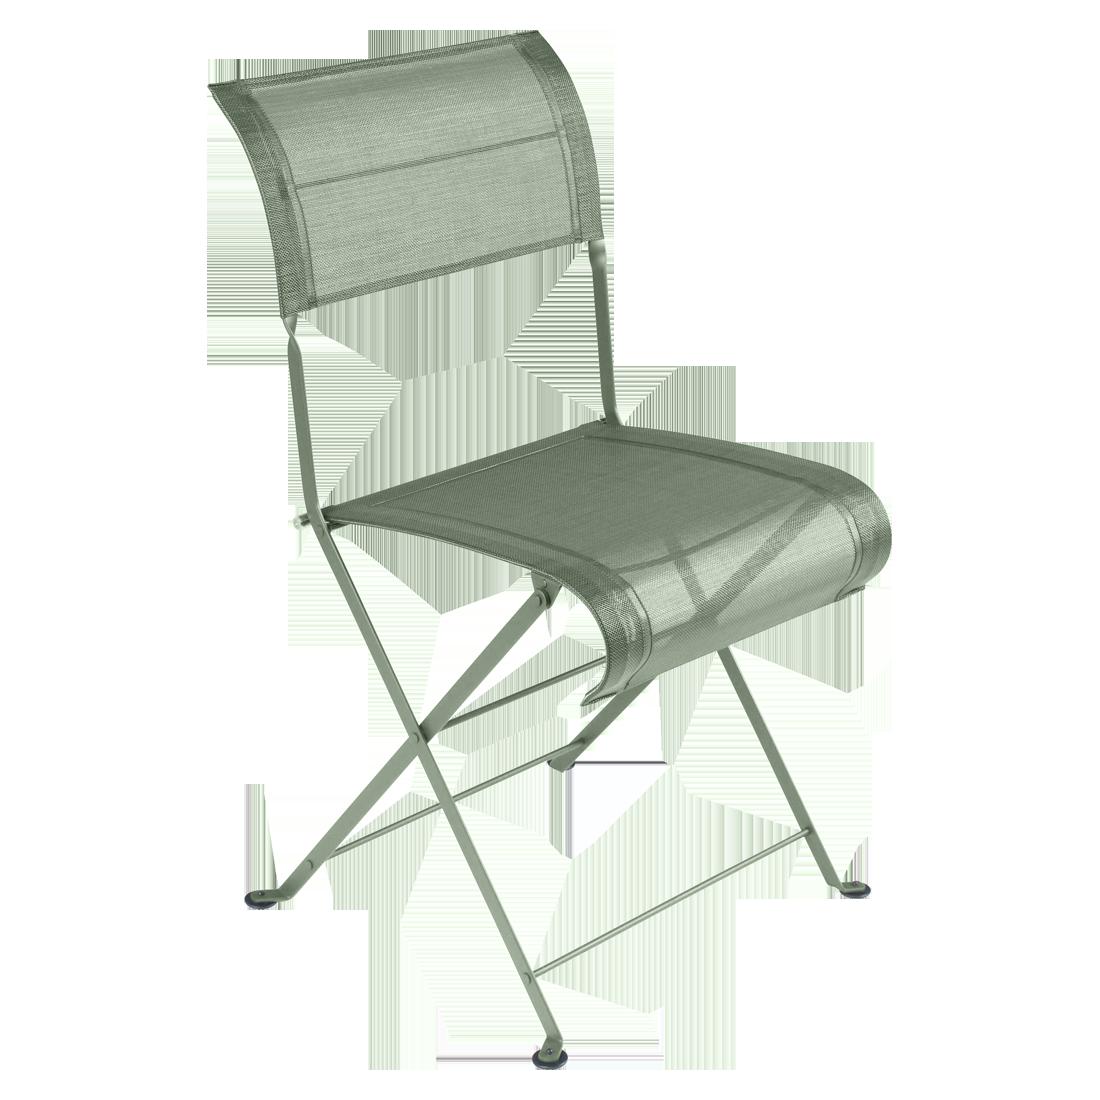 chaise fermob en toile, chaise de jardin fermob, chaise en toile verte, chaise de jardin verte